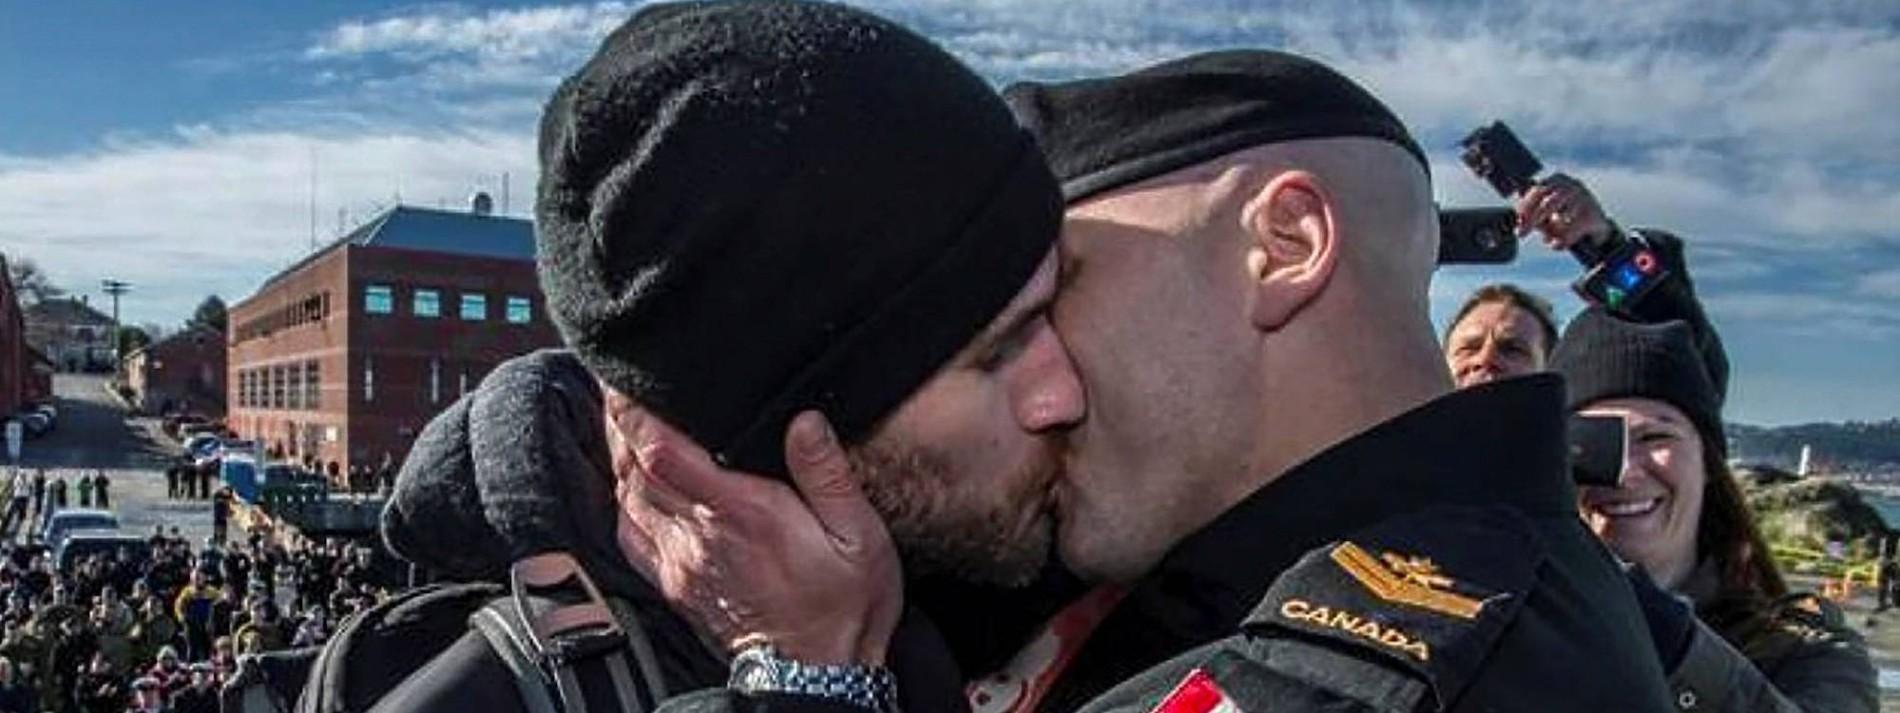 Homosexuelle kapern Hashtag auf Twitter